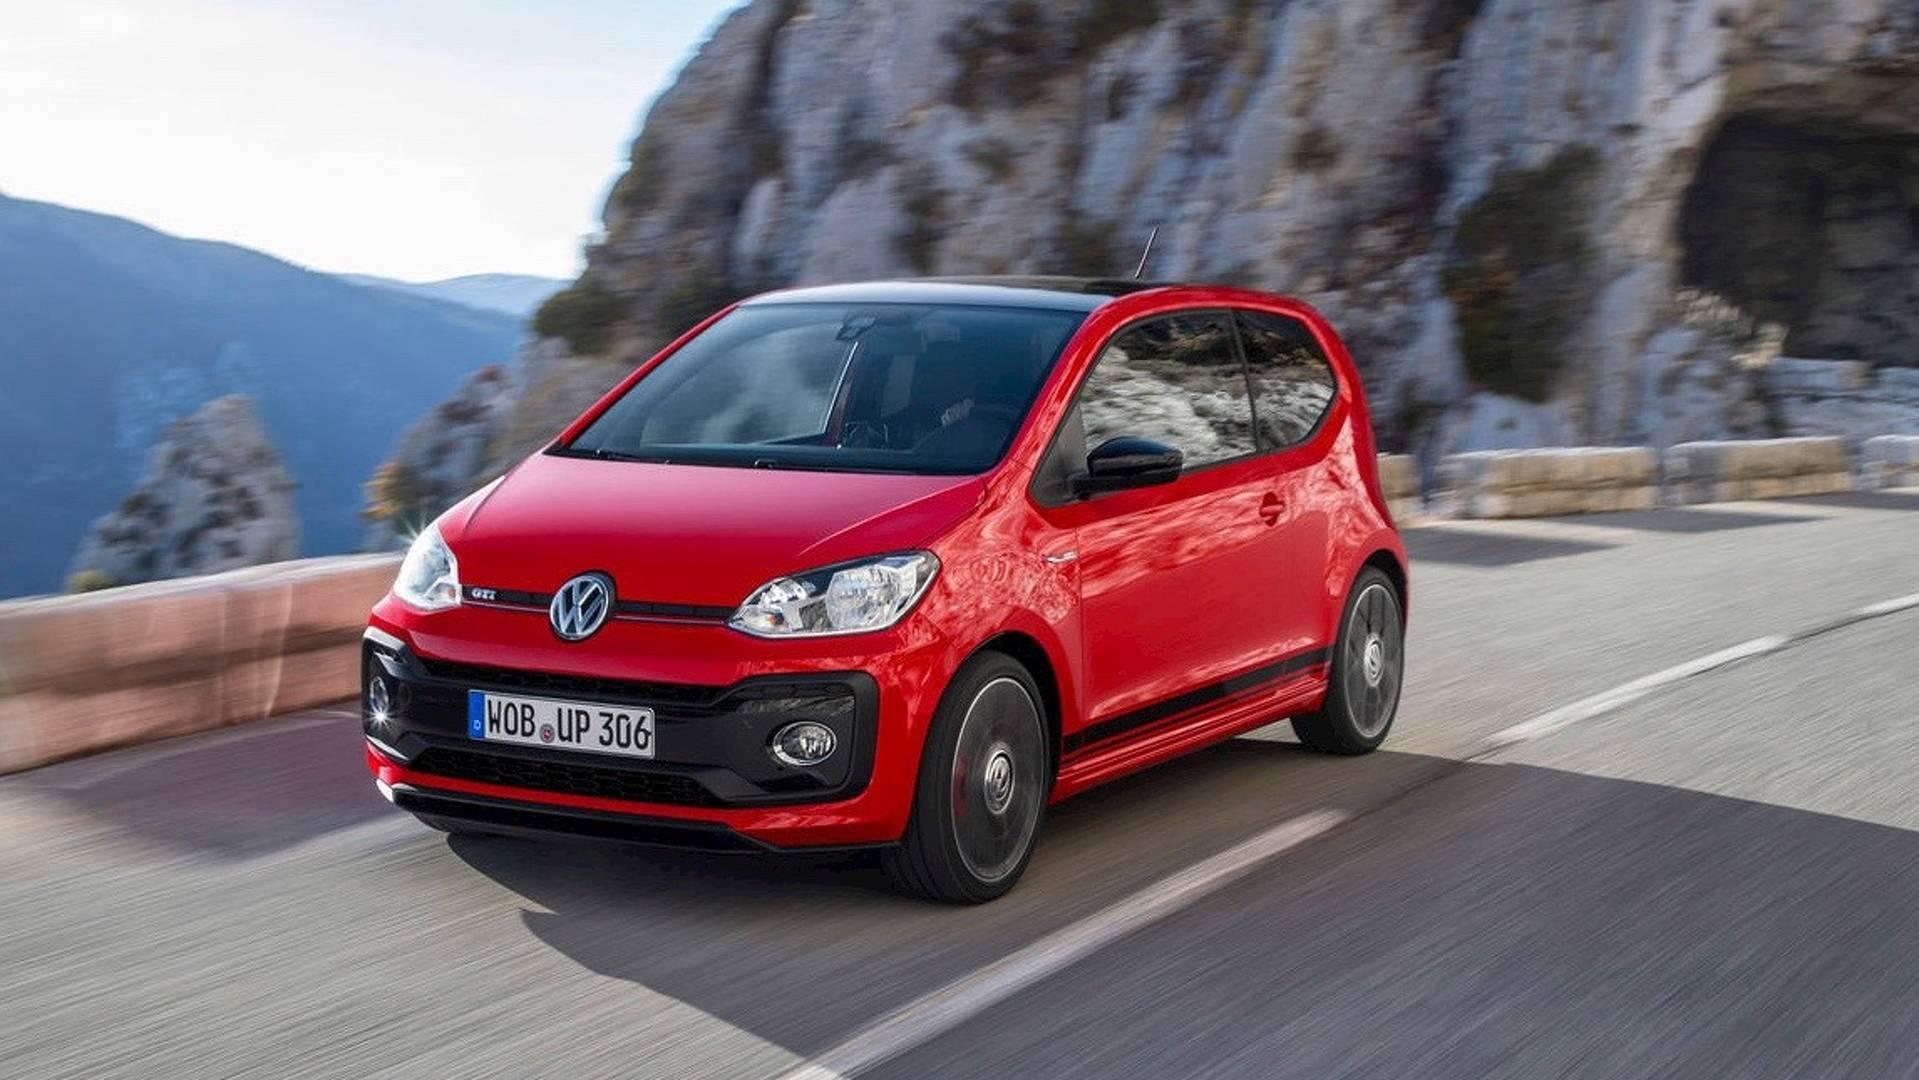 Volkswagen наладит заводскую печать деталей автомобилей на 3D-принтере